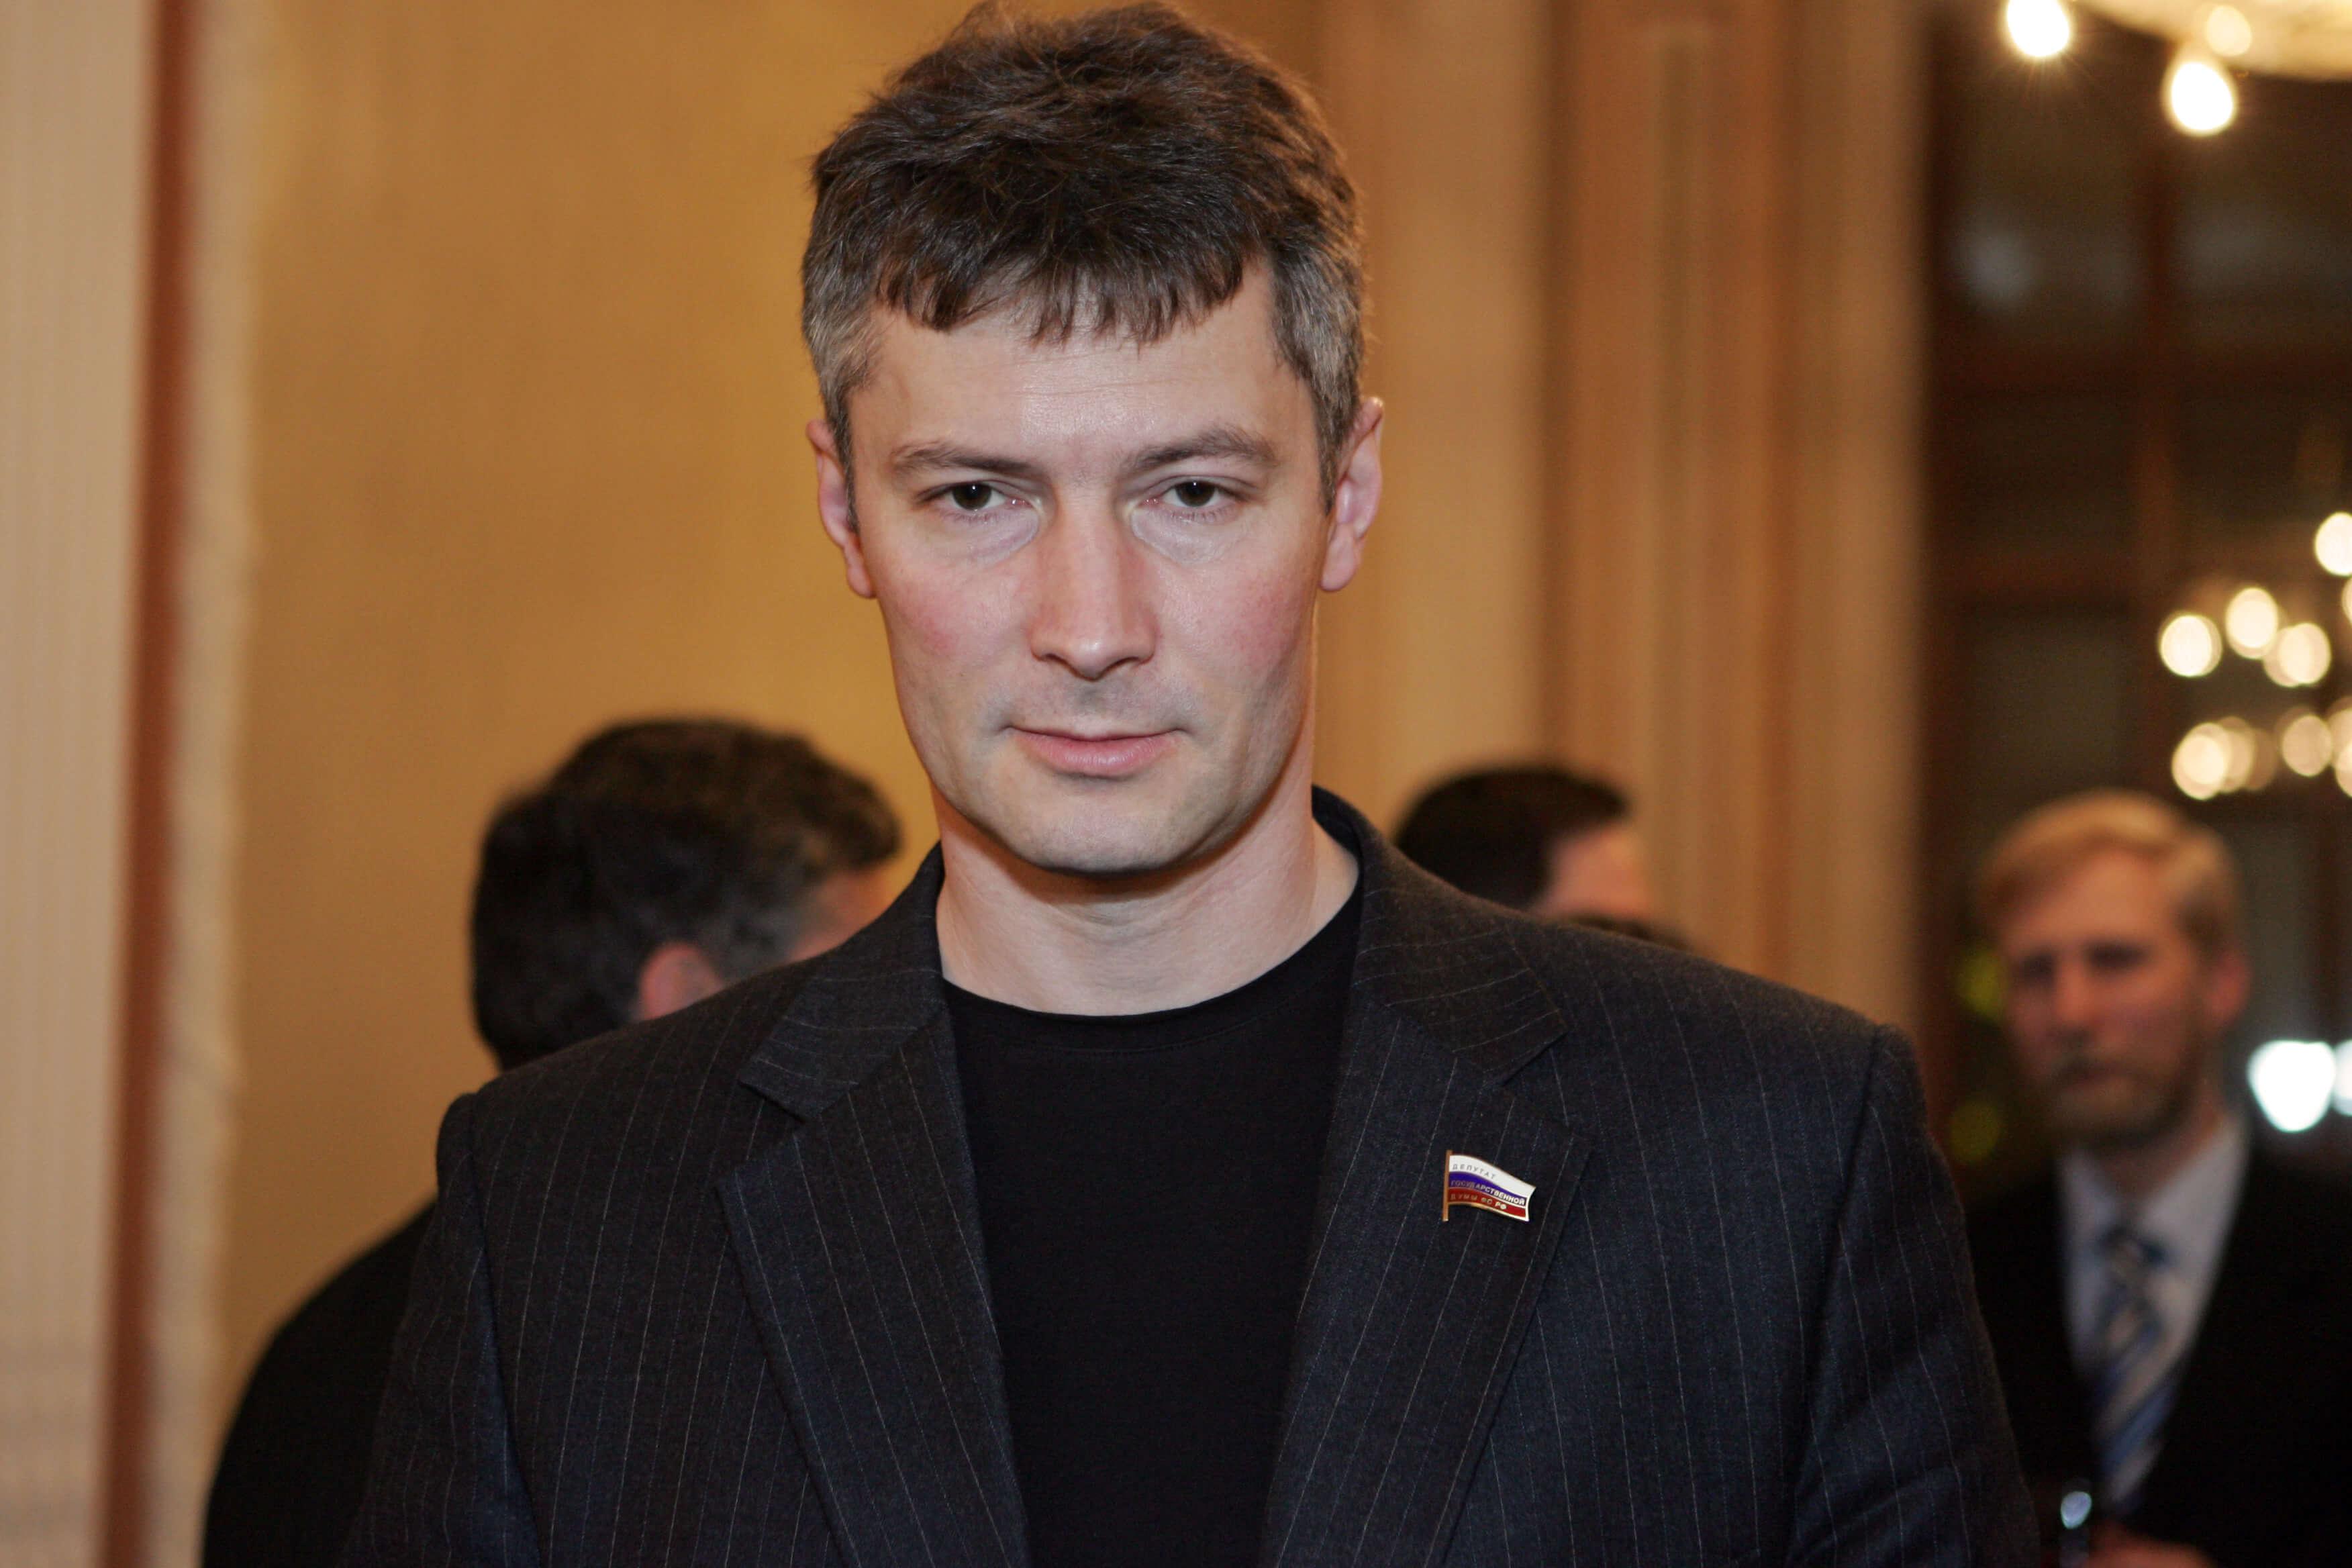 Viktor Chernov/Russian Look